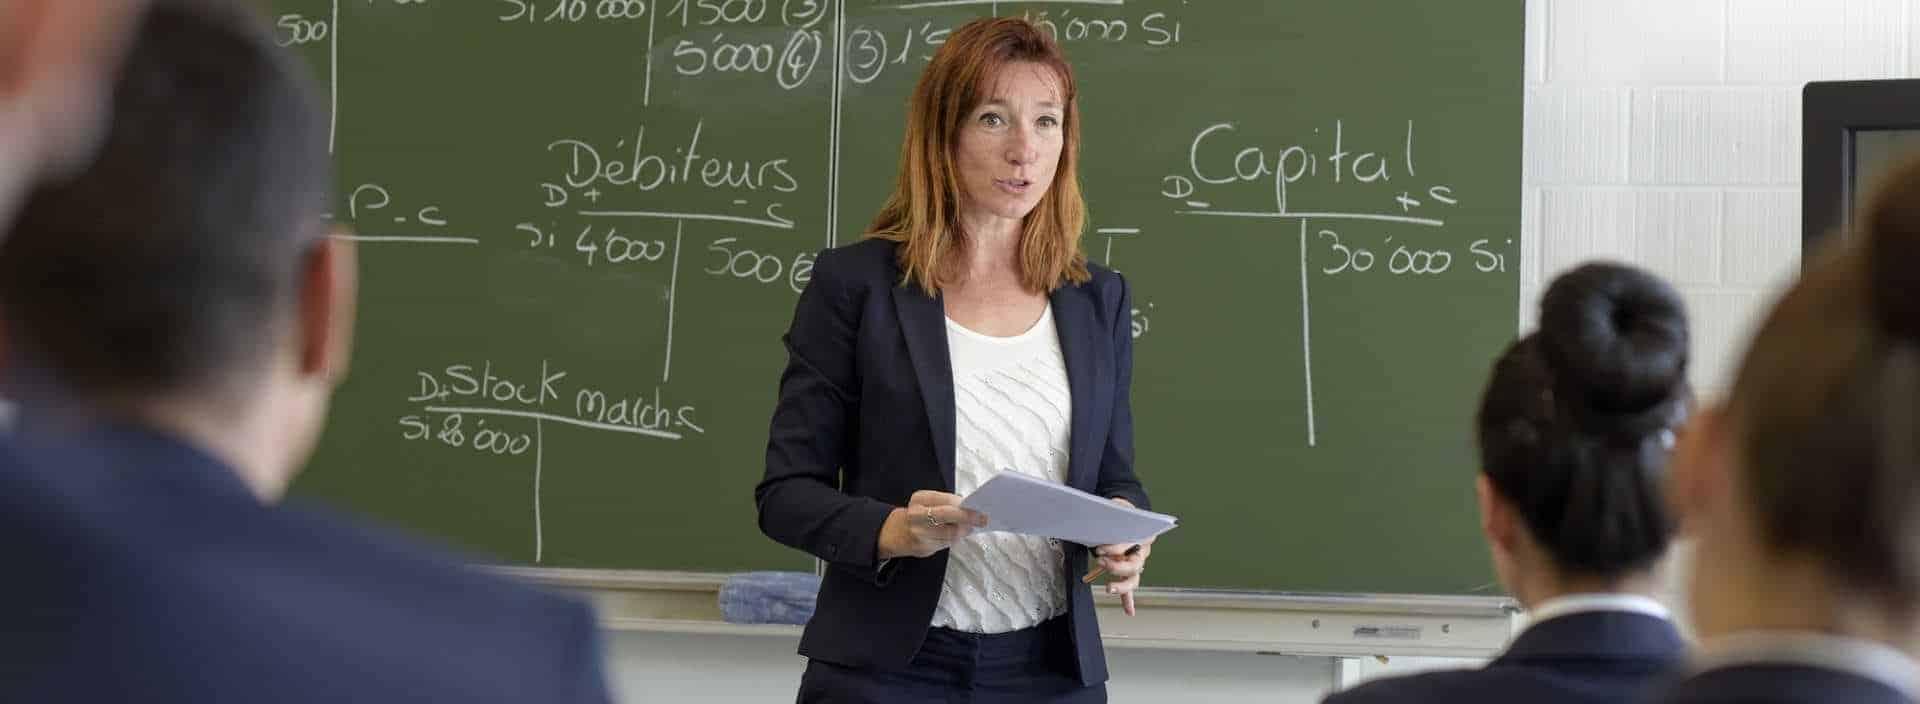 Découvrez le Cursus avec le Programme de DIplome a l'Ecole Hôtelière de genève